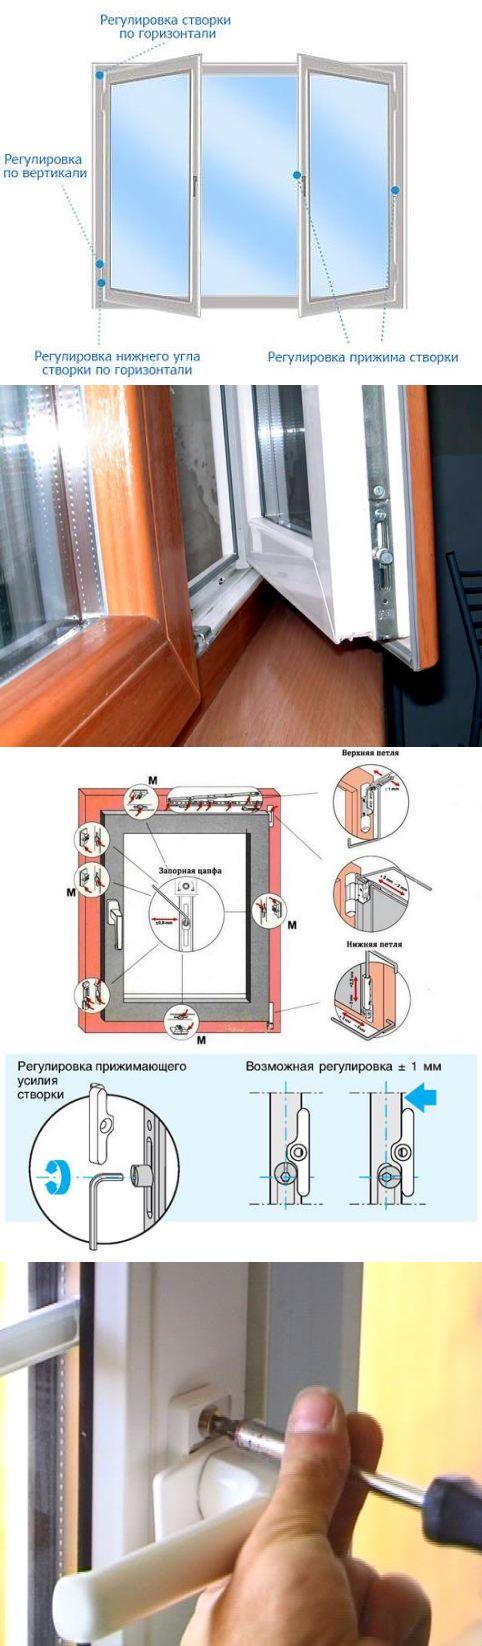 Как регулировать пластиковые окна самому: пошаговая инструкция